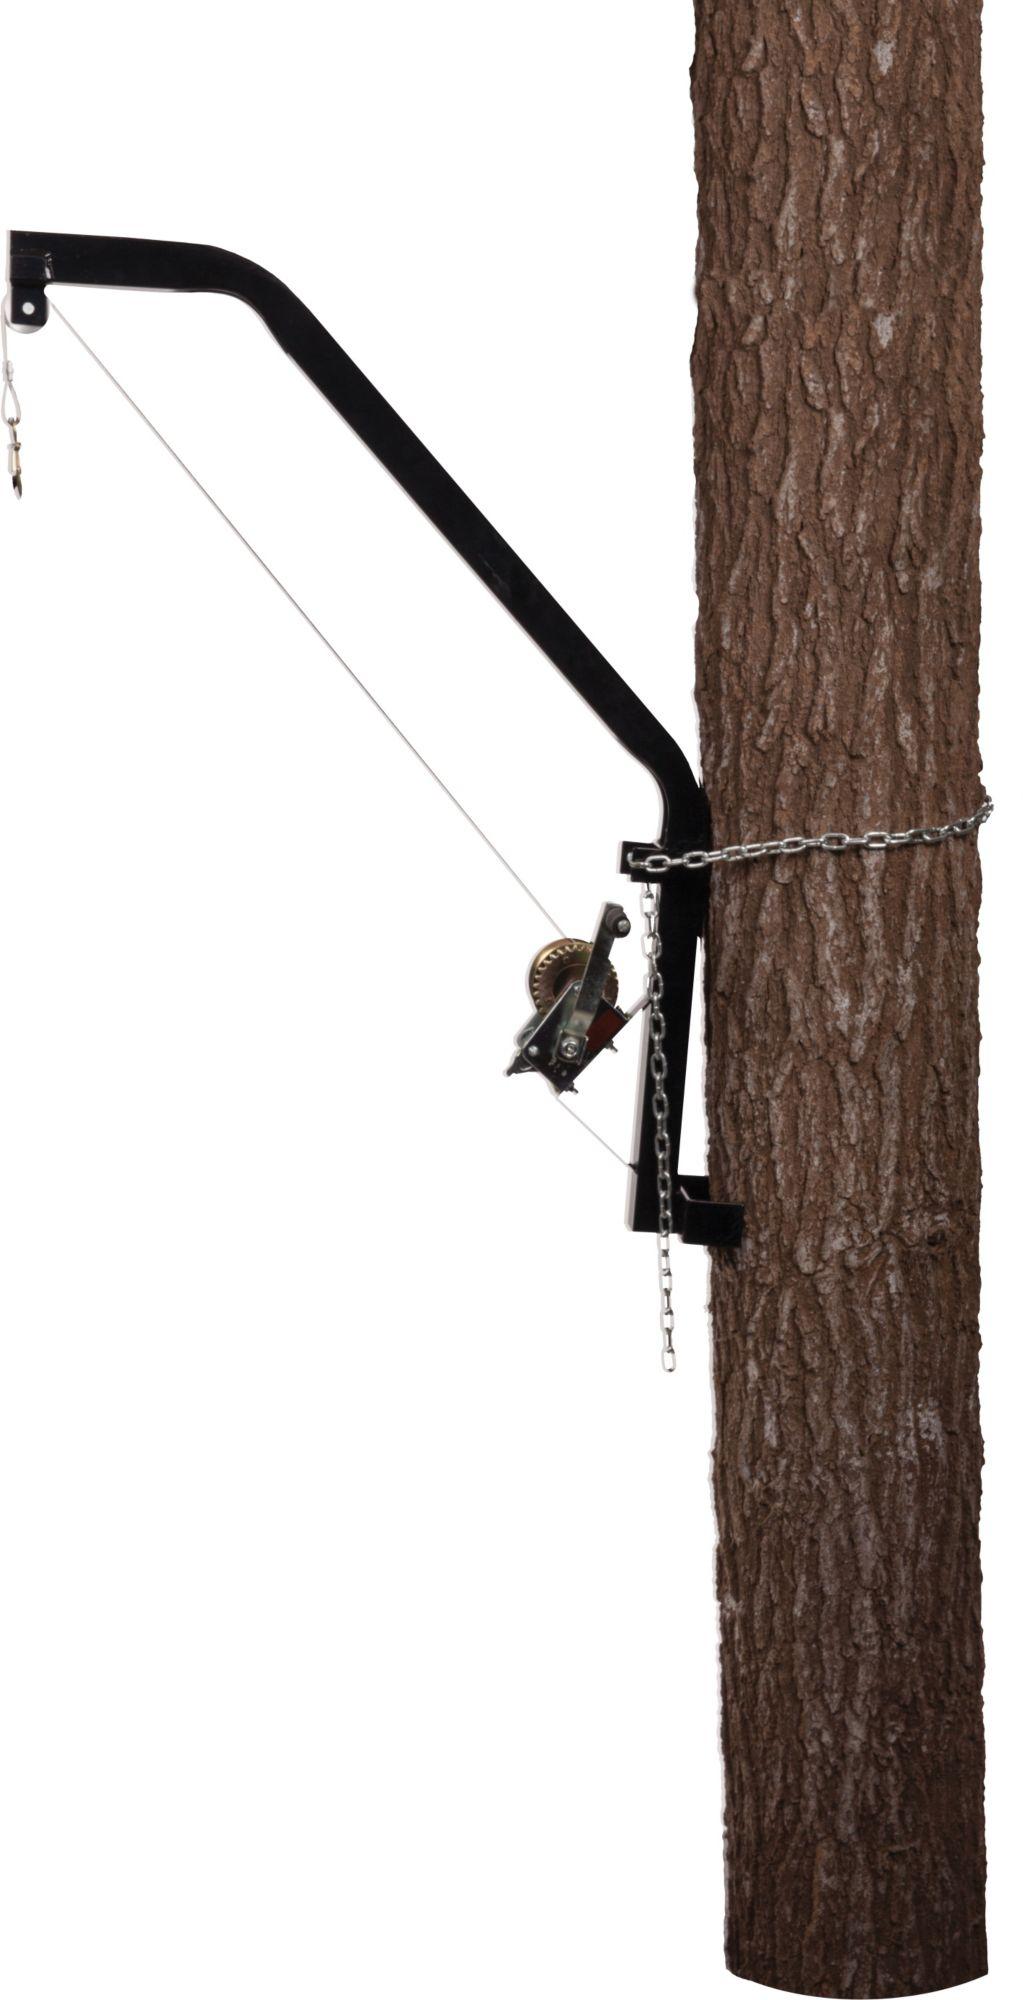 Moultrie Hanging Deer Feeder Hoist  sc 1 st  Field \u0026 Stream & Moultrie Game Cameras \u0026 Feeders   Field \u0026 Stream